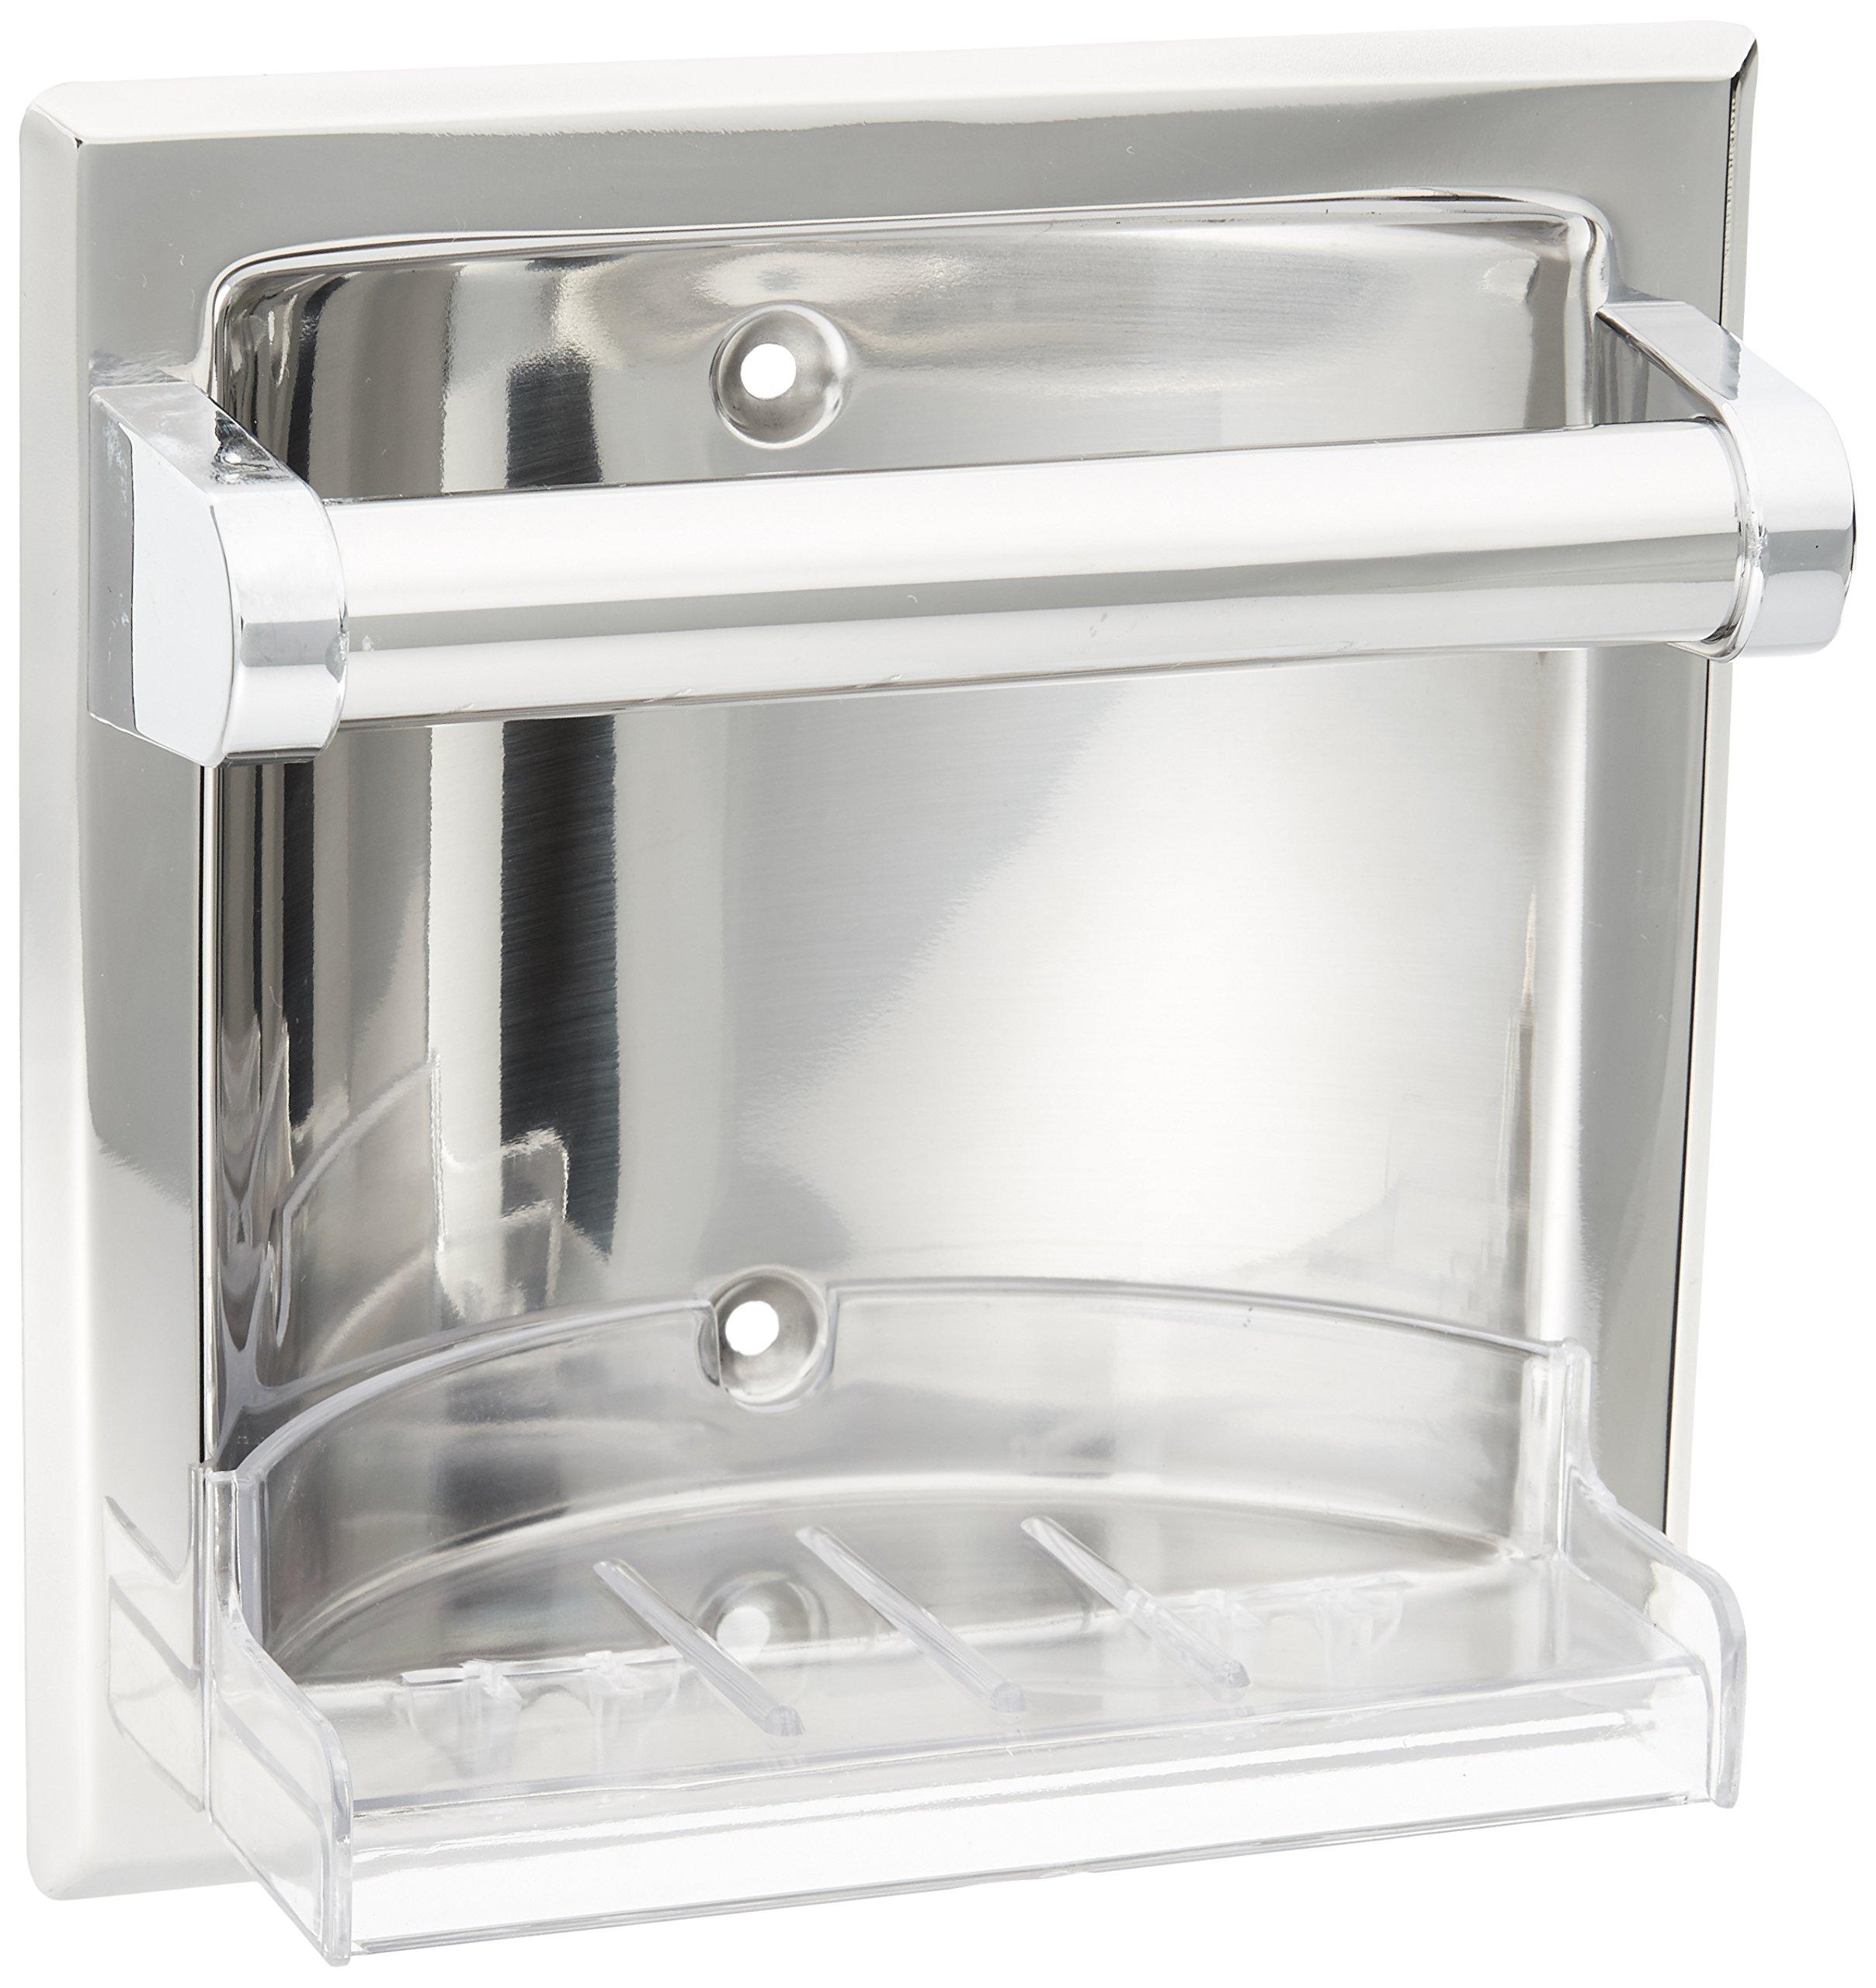 Moen 2565CH Donner Commercial Soap Holder, Chrome by Moen